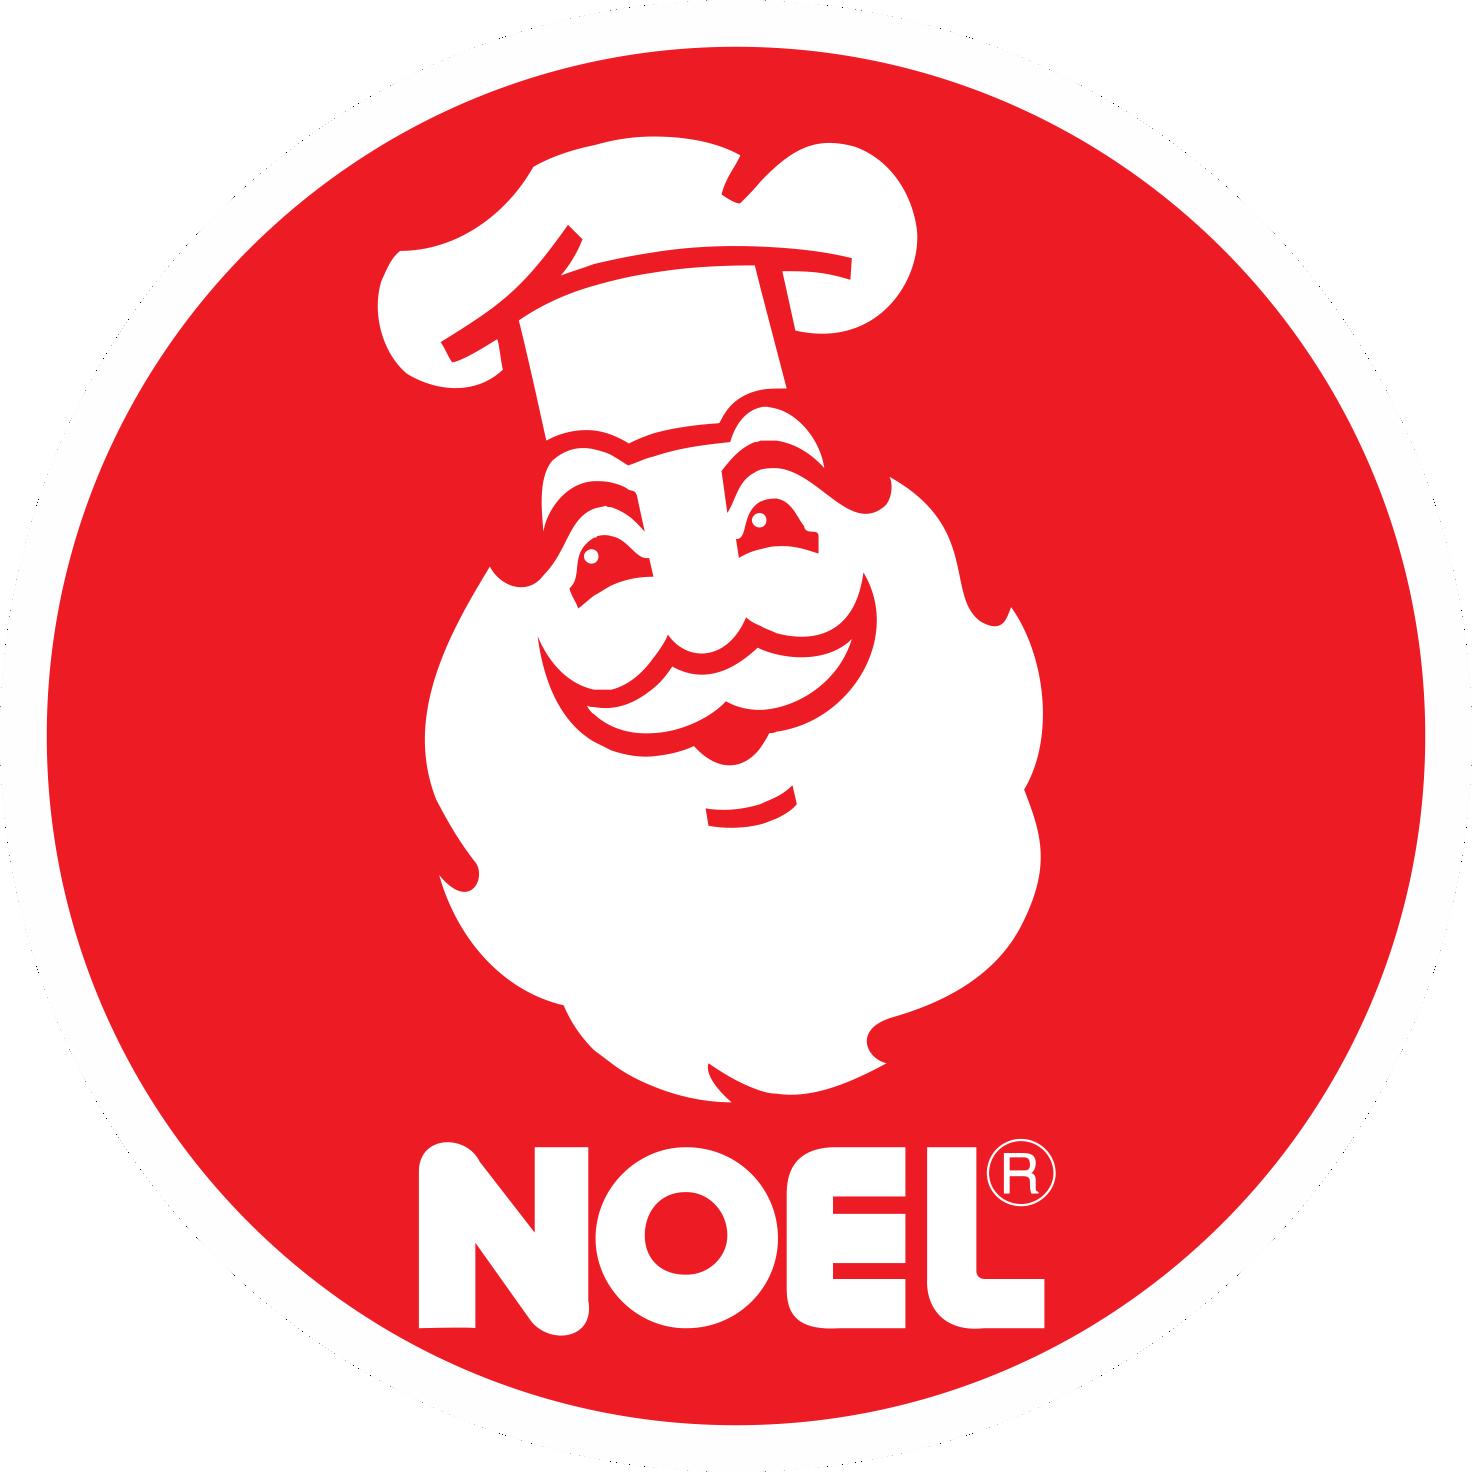 Noel (Colombia)